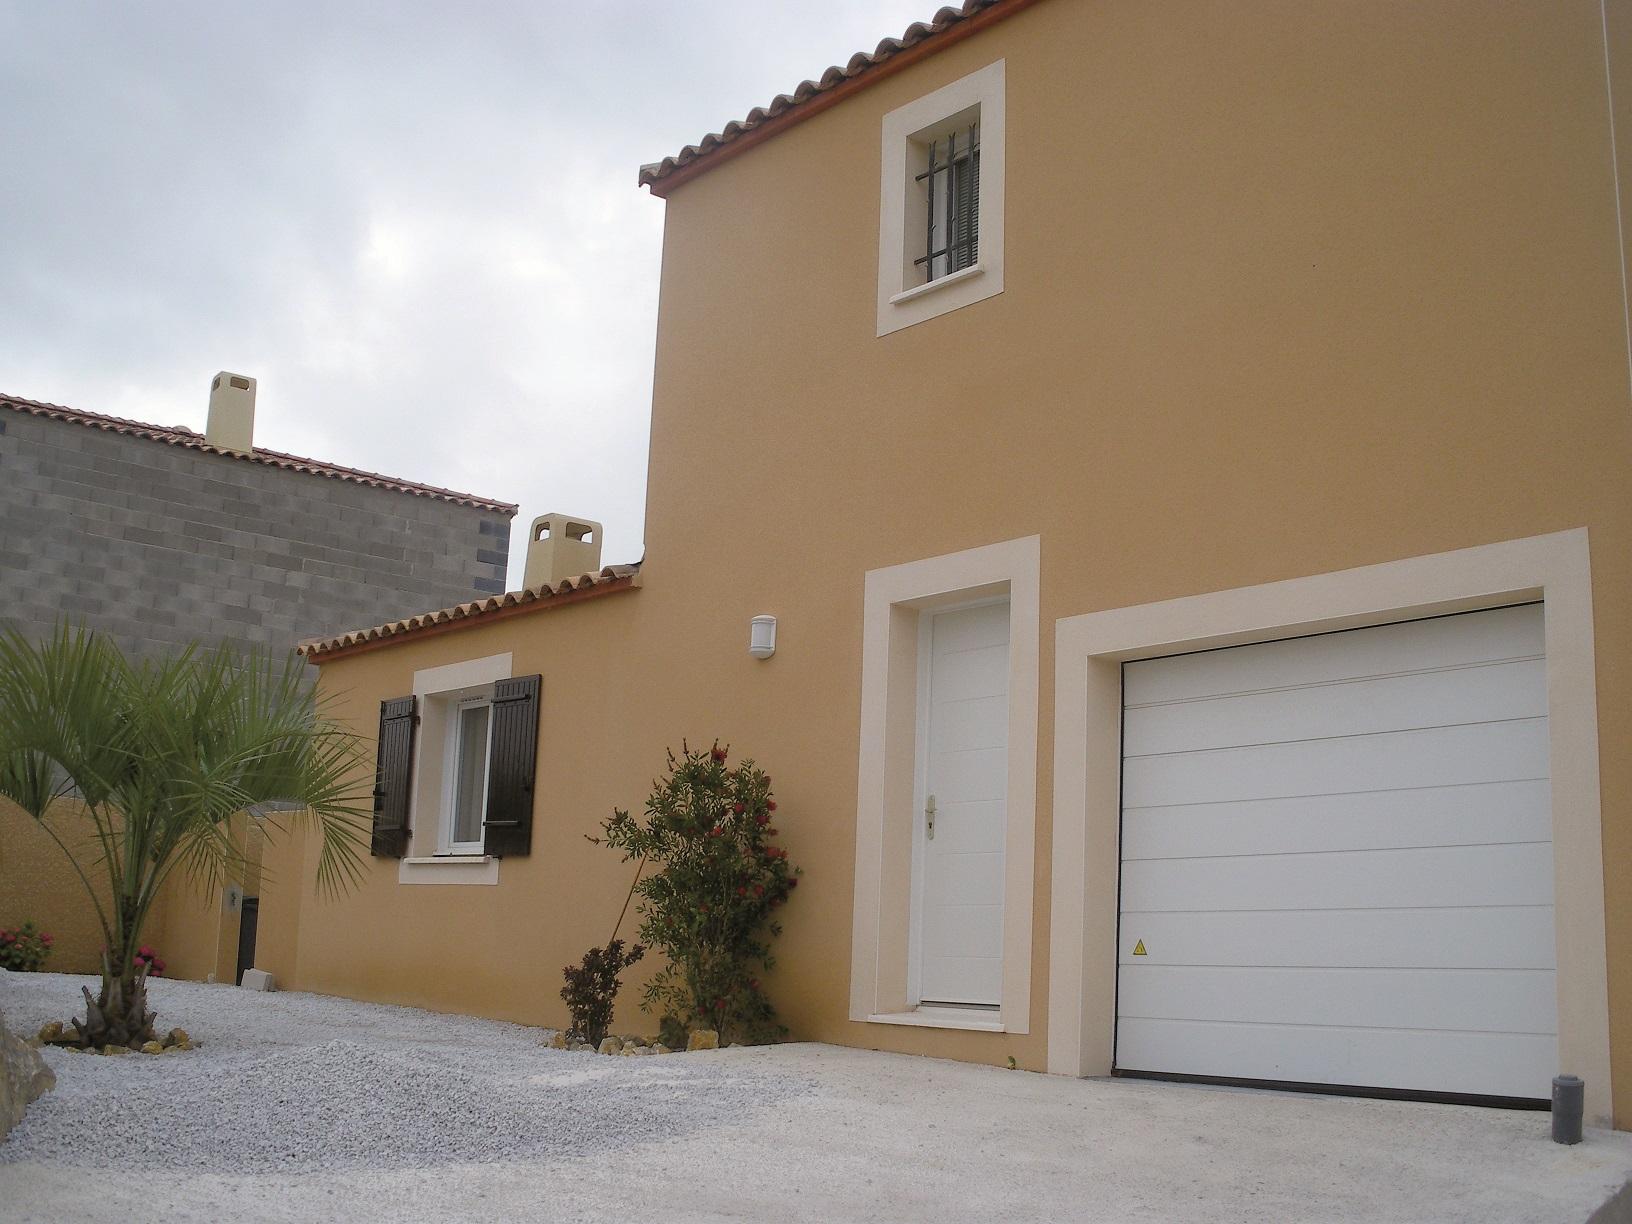 Maisons + Terrains du constructeur VILLADIRECT LE PONTET • 80 m² • SERIGNAN DU COMTAT